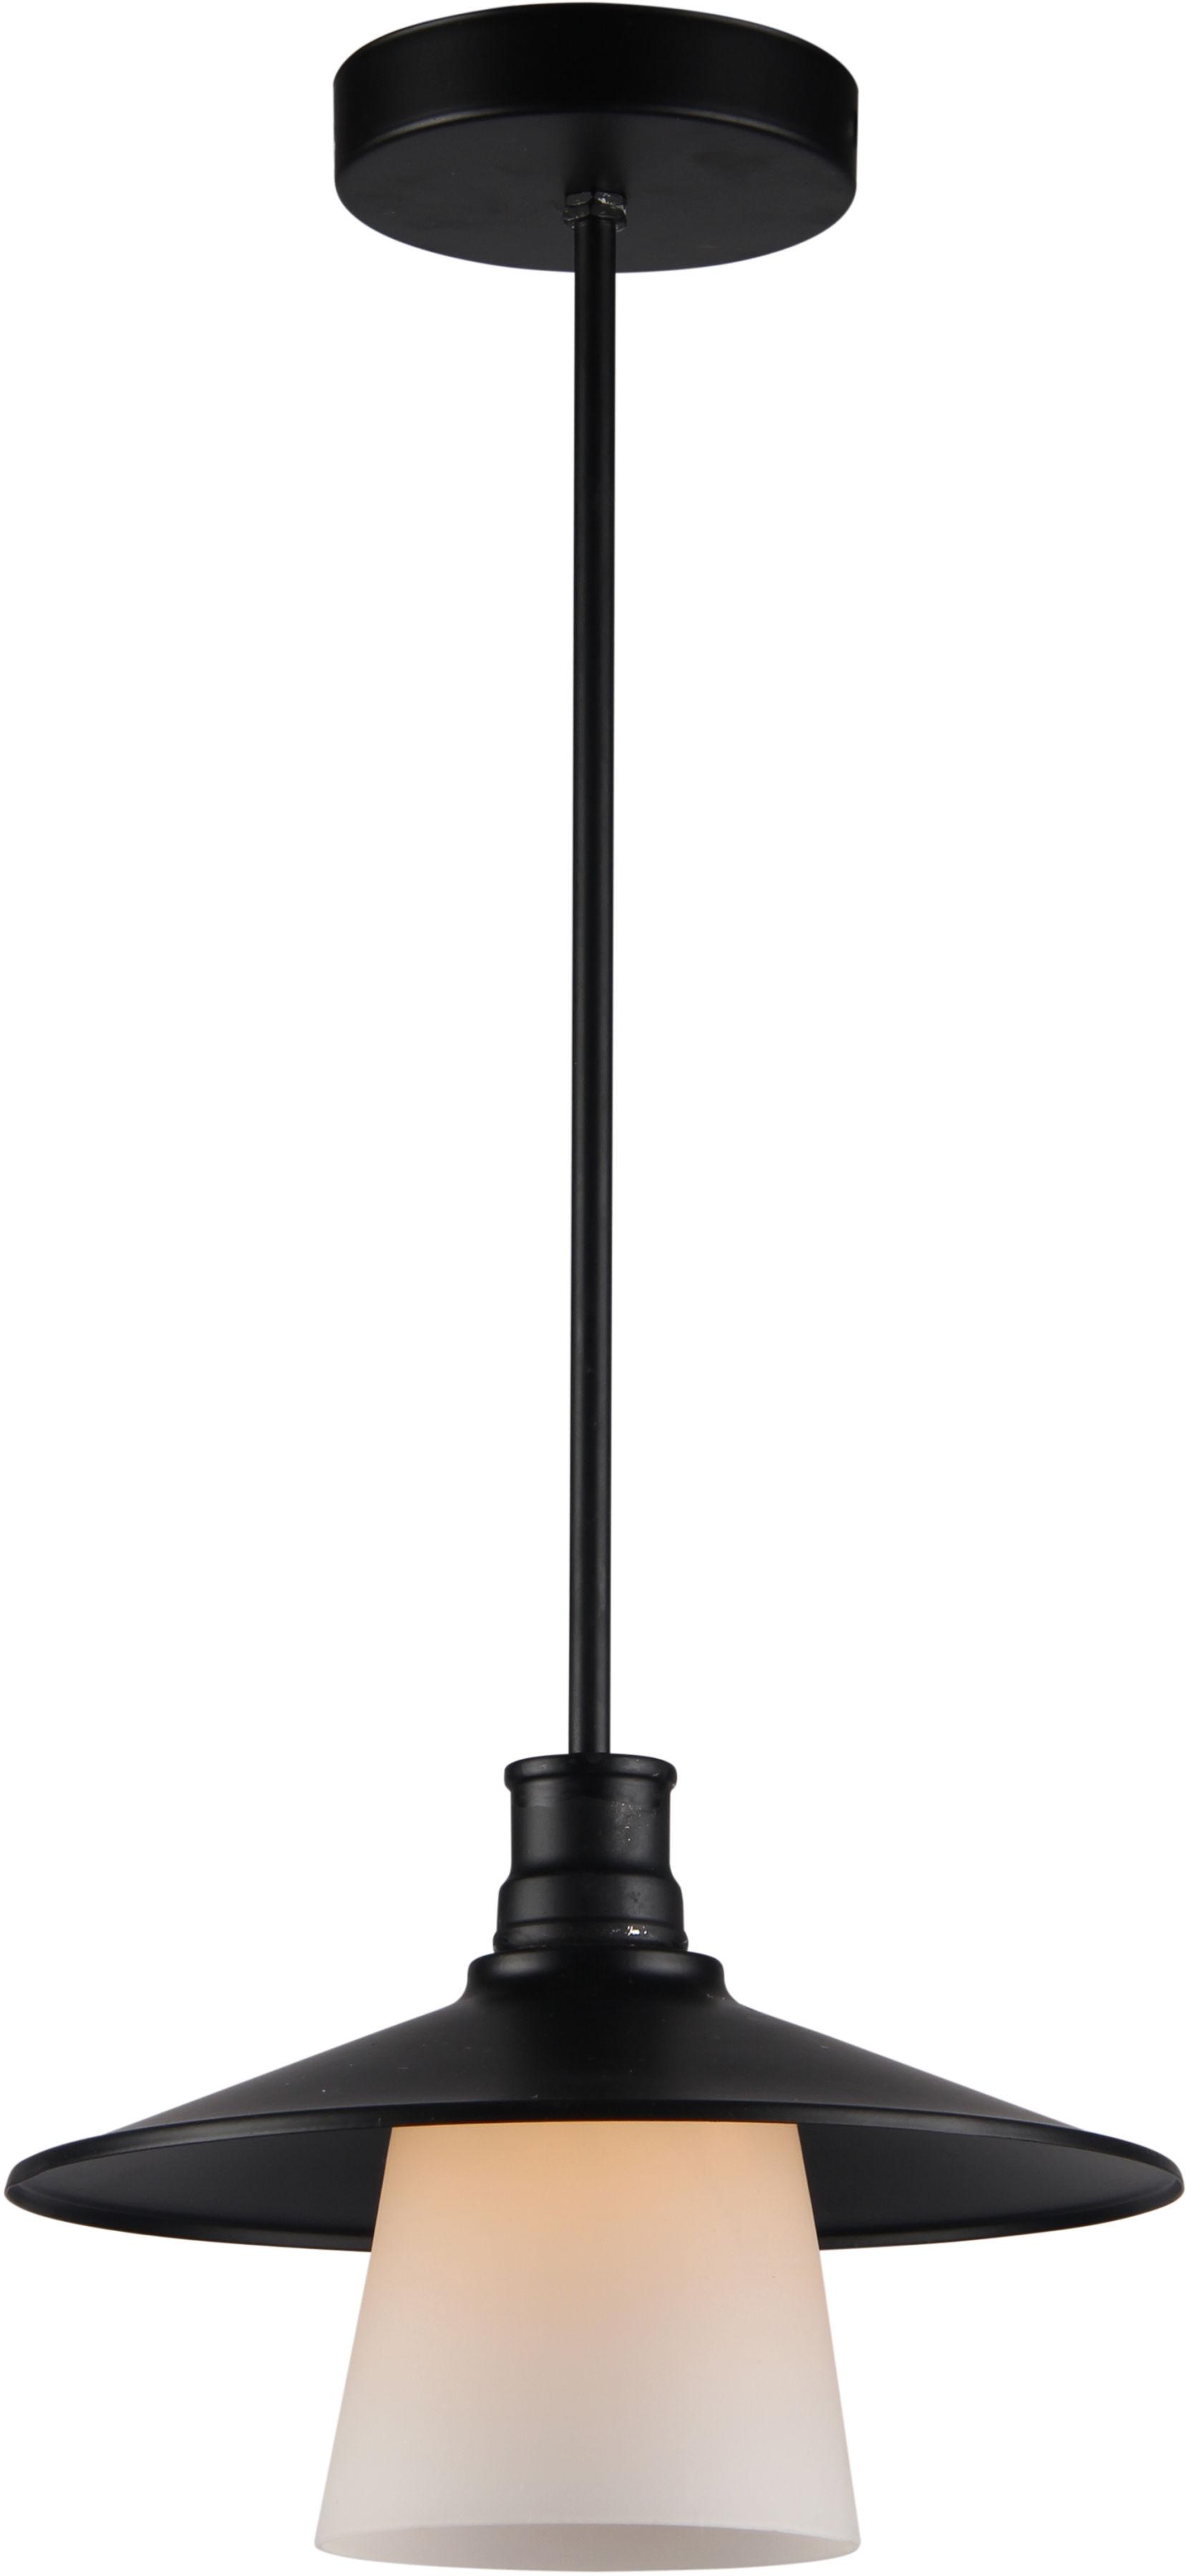 Candellux LOFT 31-43108 lampa wiszaca loftowa czarna 1X60W E27 26cm